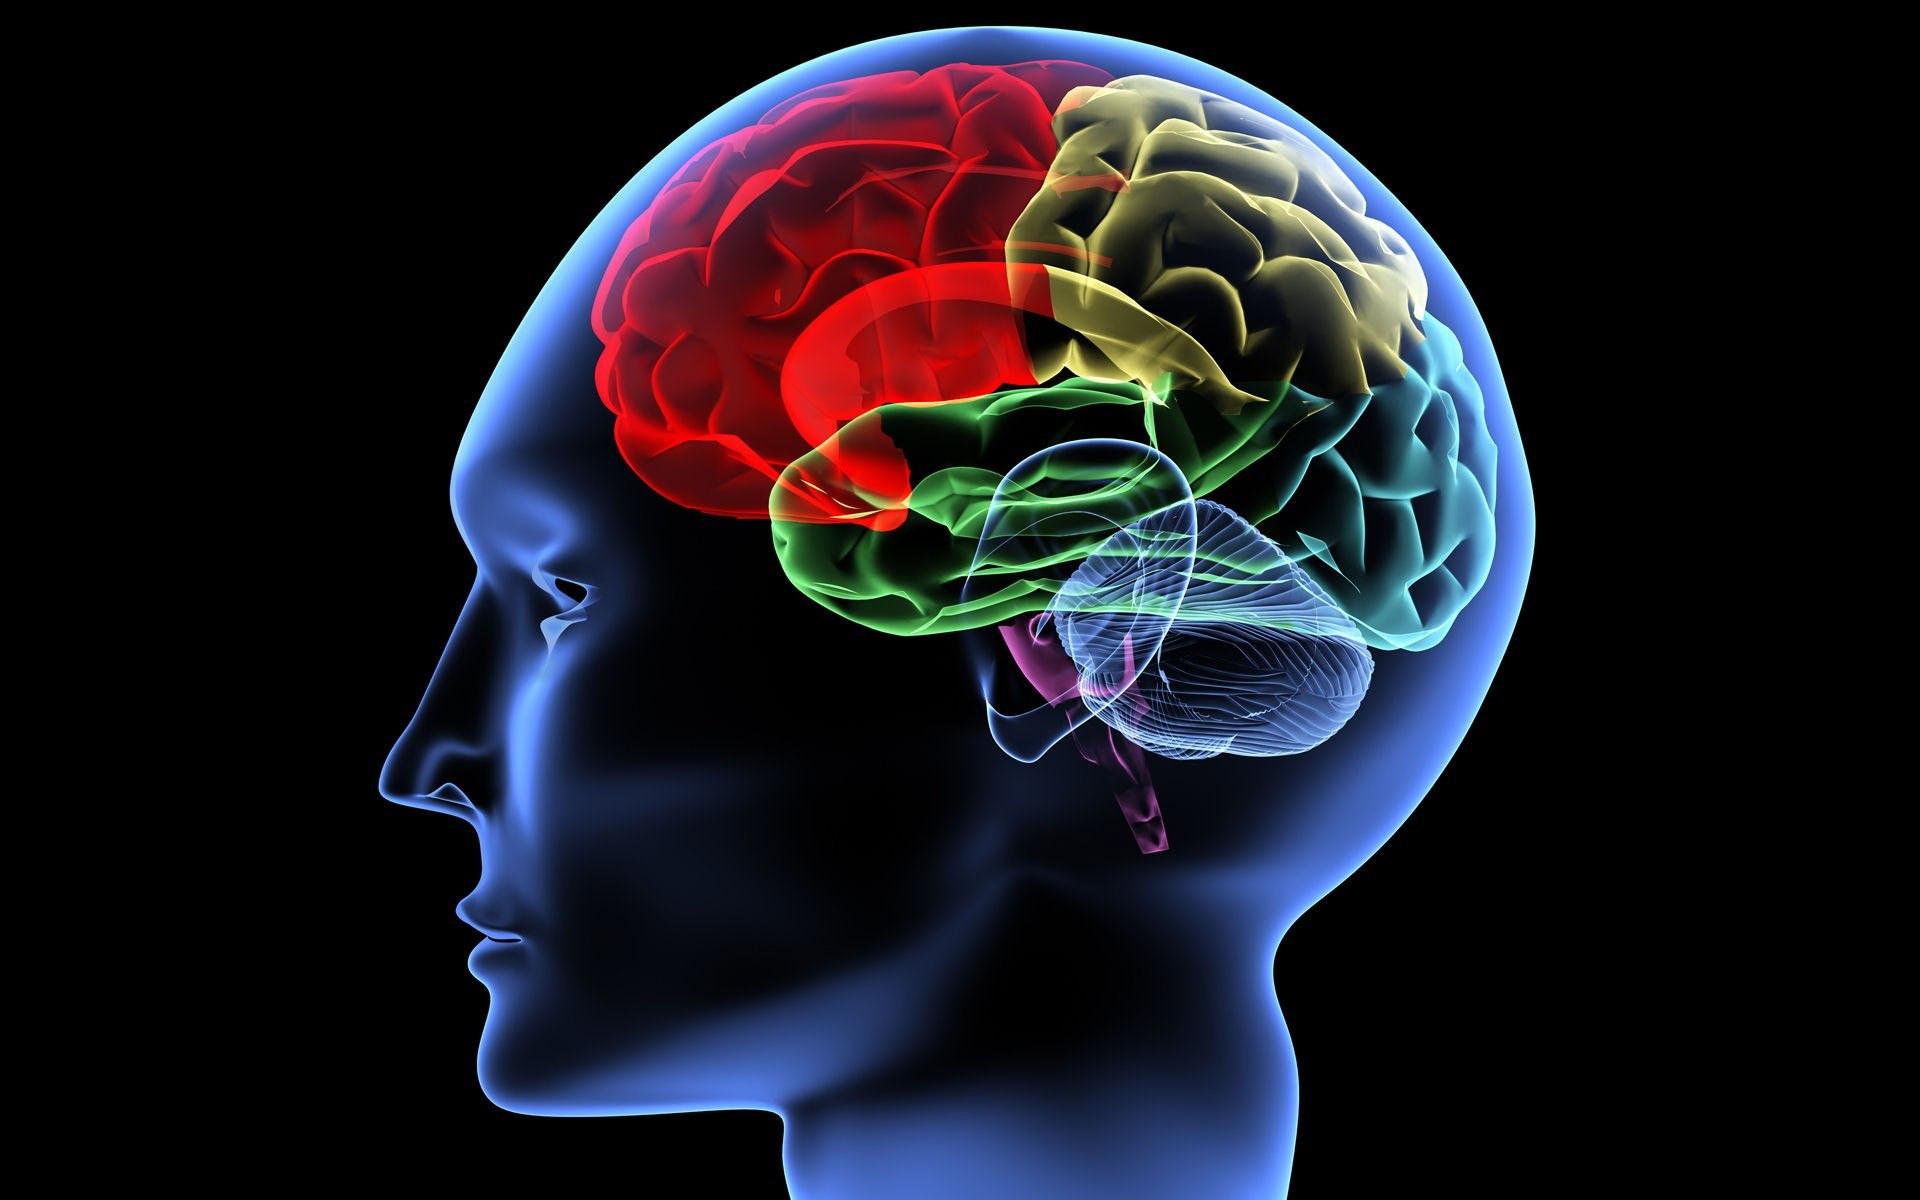 У людей сограниченными возможностями мозг работает по-иному